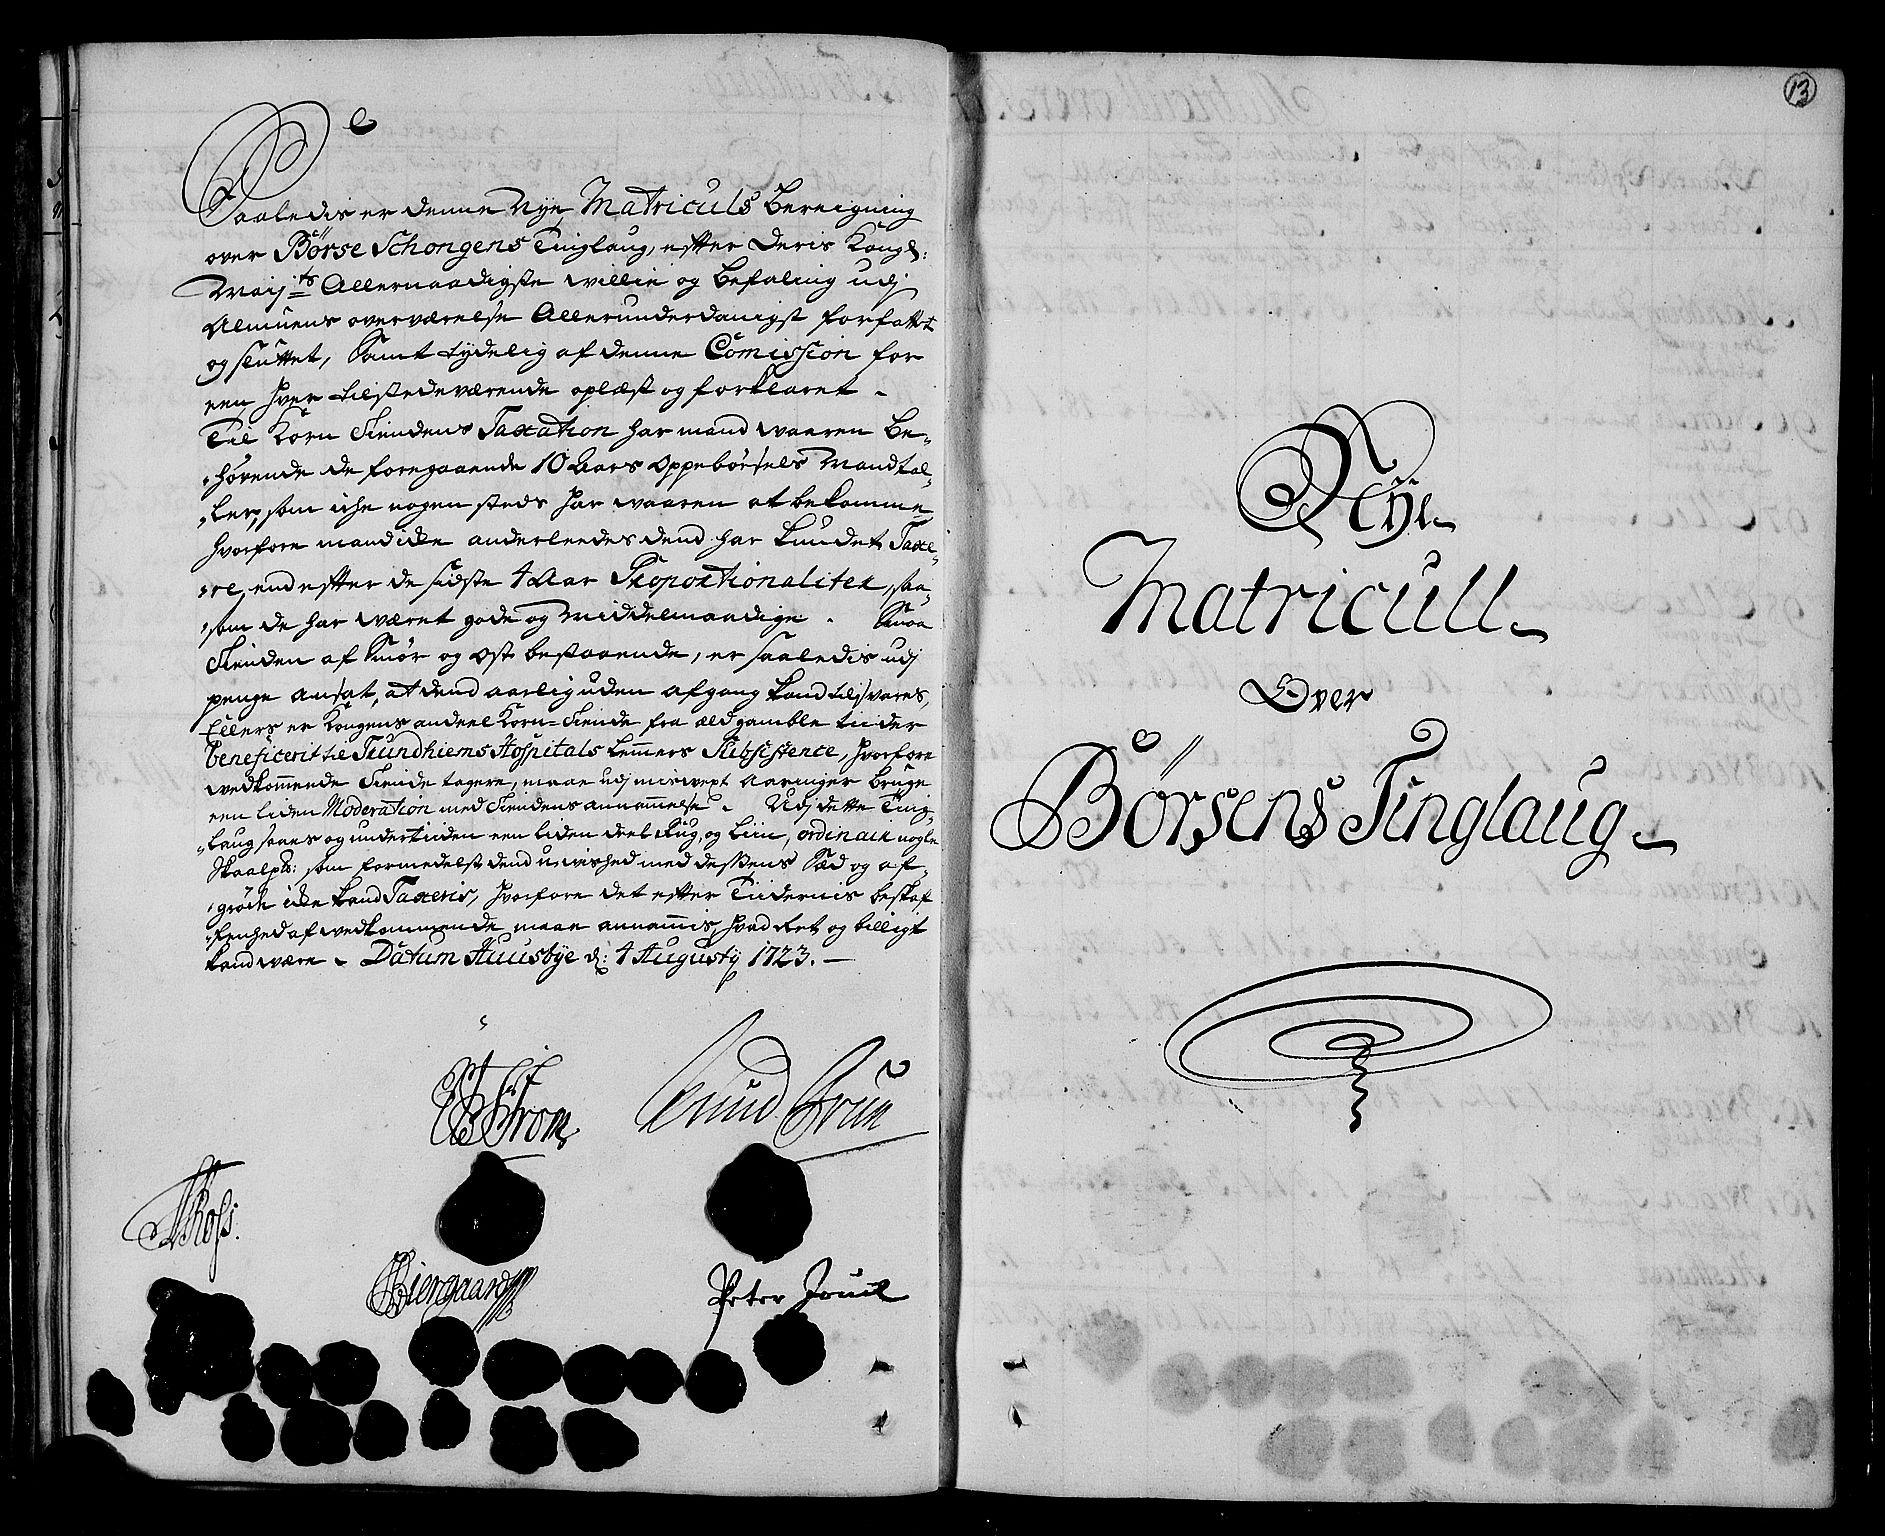 RA, Rentekammeret inntil 1814, Realistisk ordnet avdeling, N/Nb/Nbf/L0161: Strinda og Selbu matrikkelprotokoll, 1723, s. 12b-13a